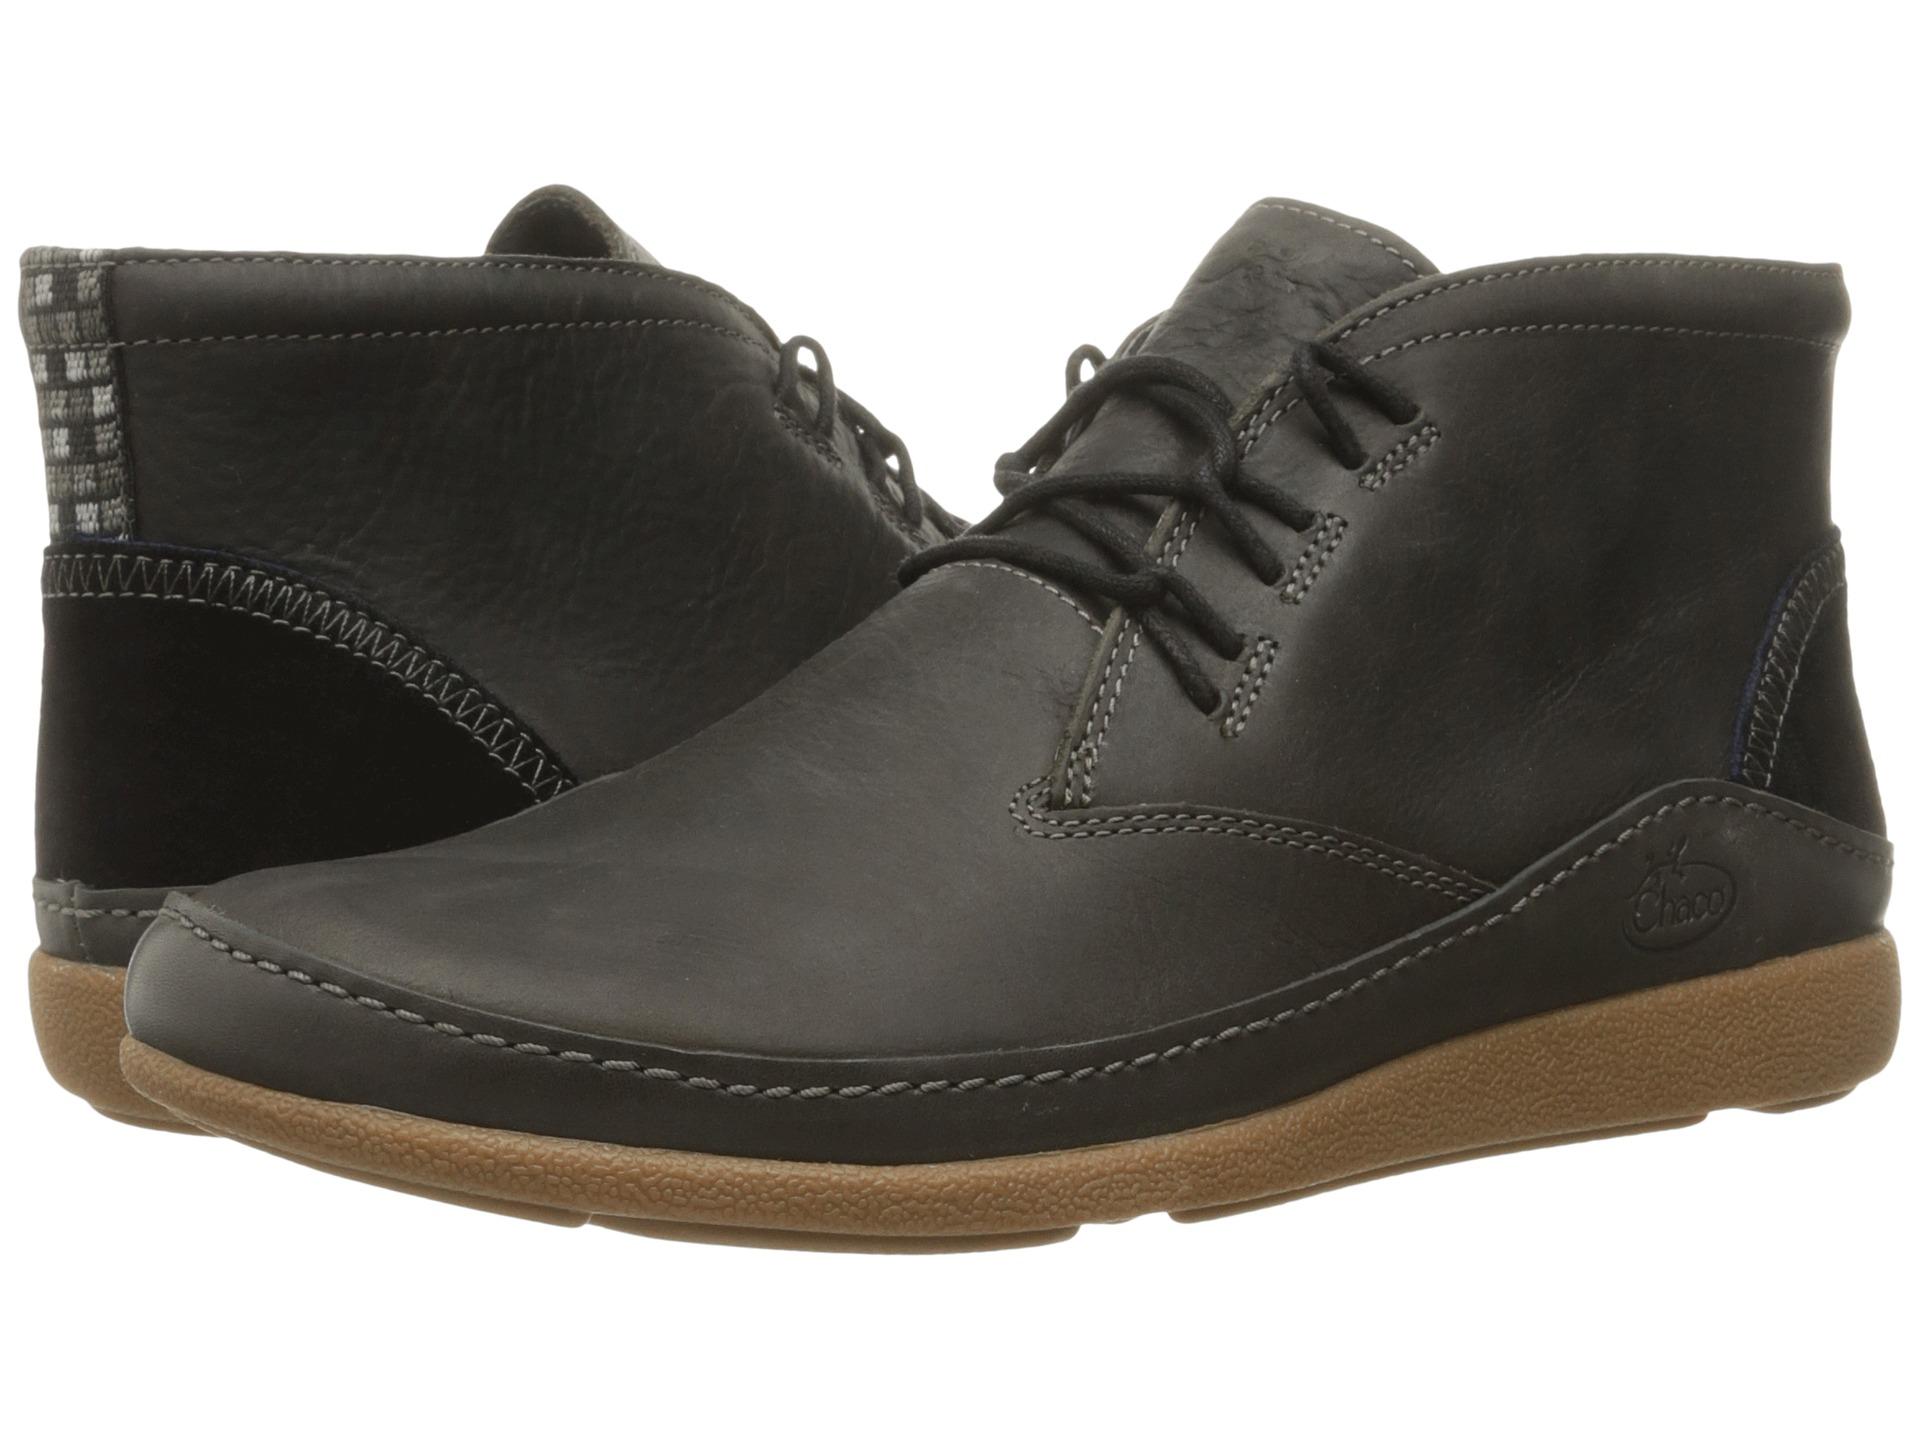 Chaco Men S Montrose Shoes